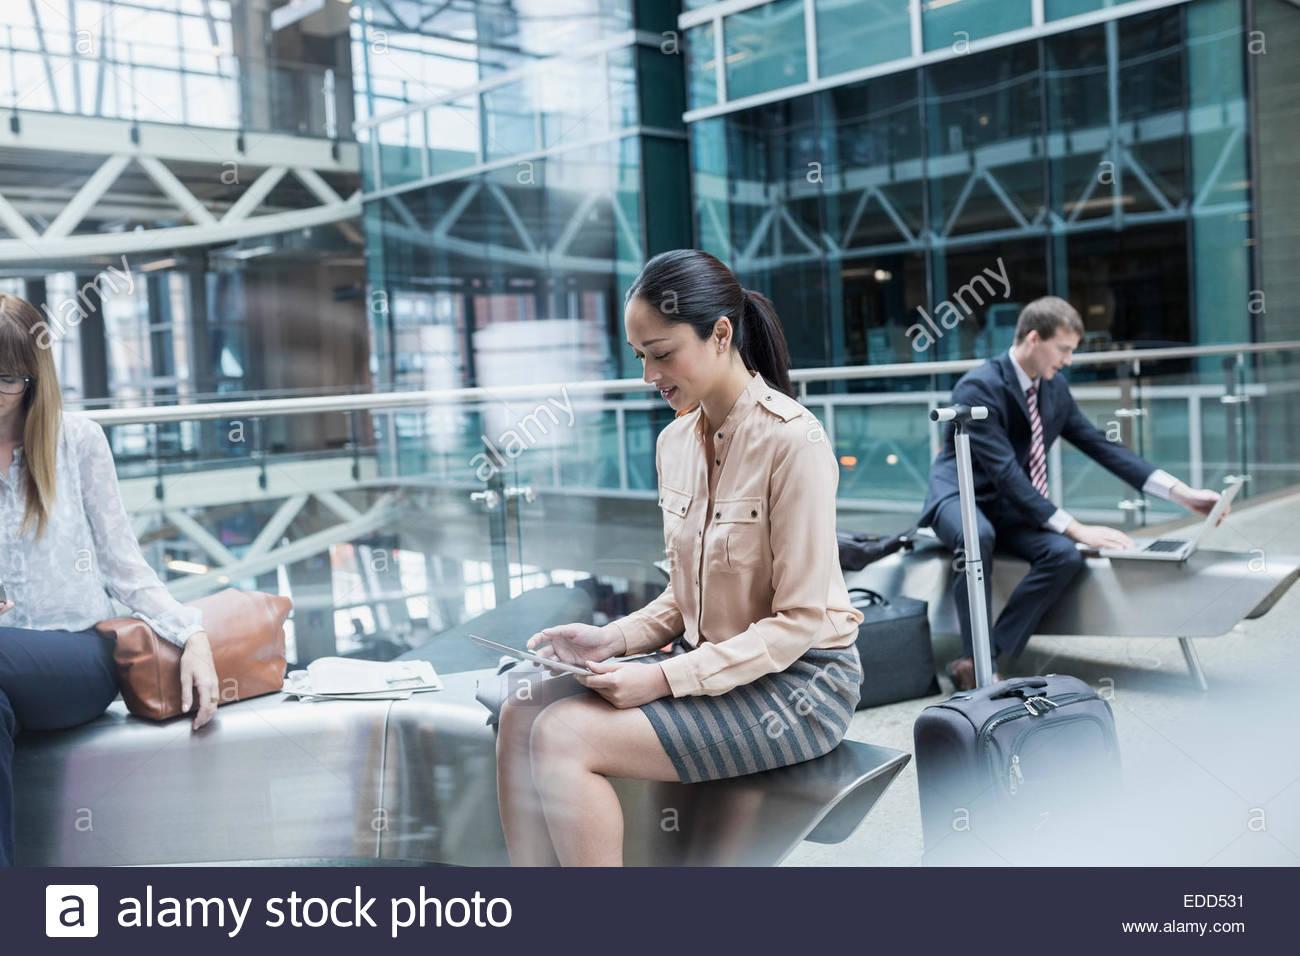 La gente di affari utilizzando la tecnologia in aeroporto atrium Immagini Stock